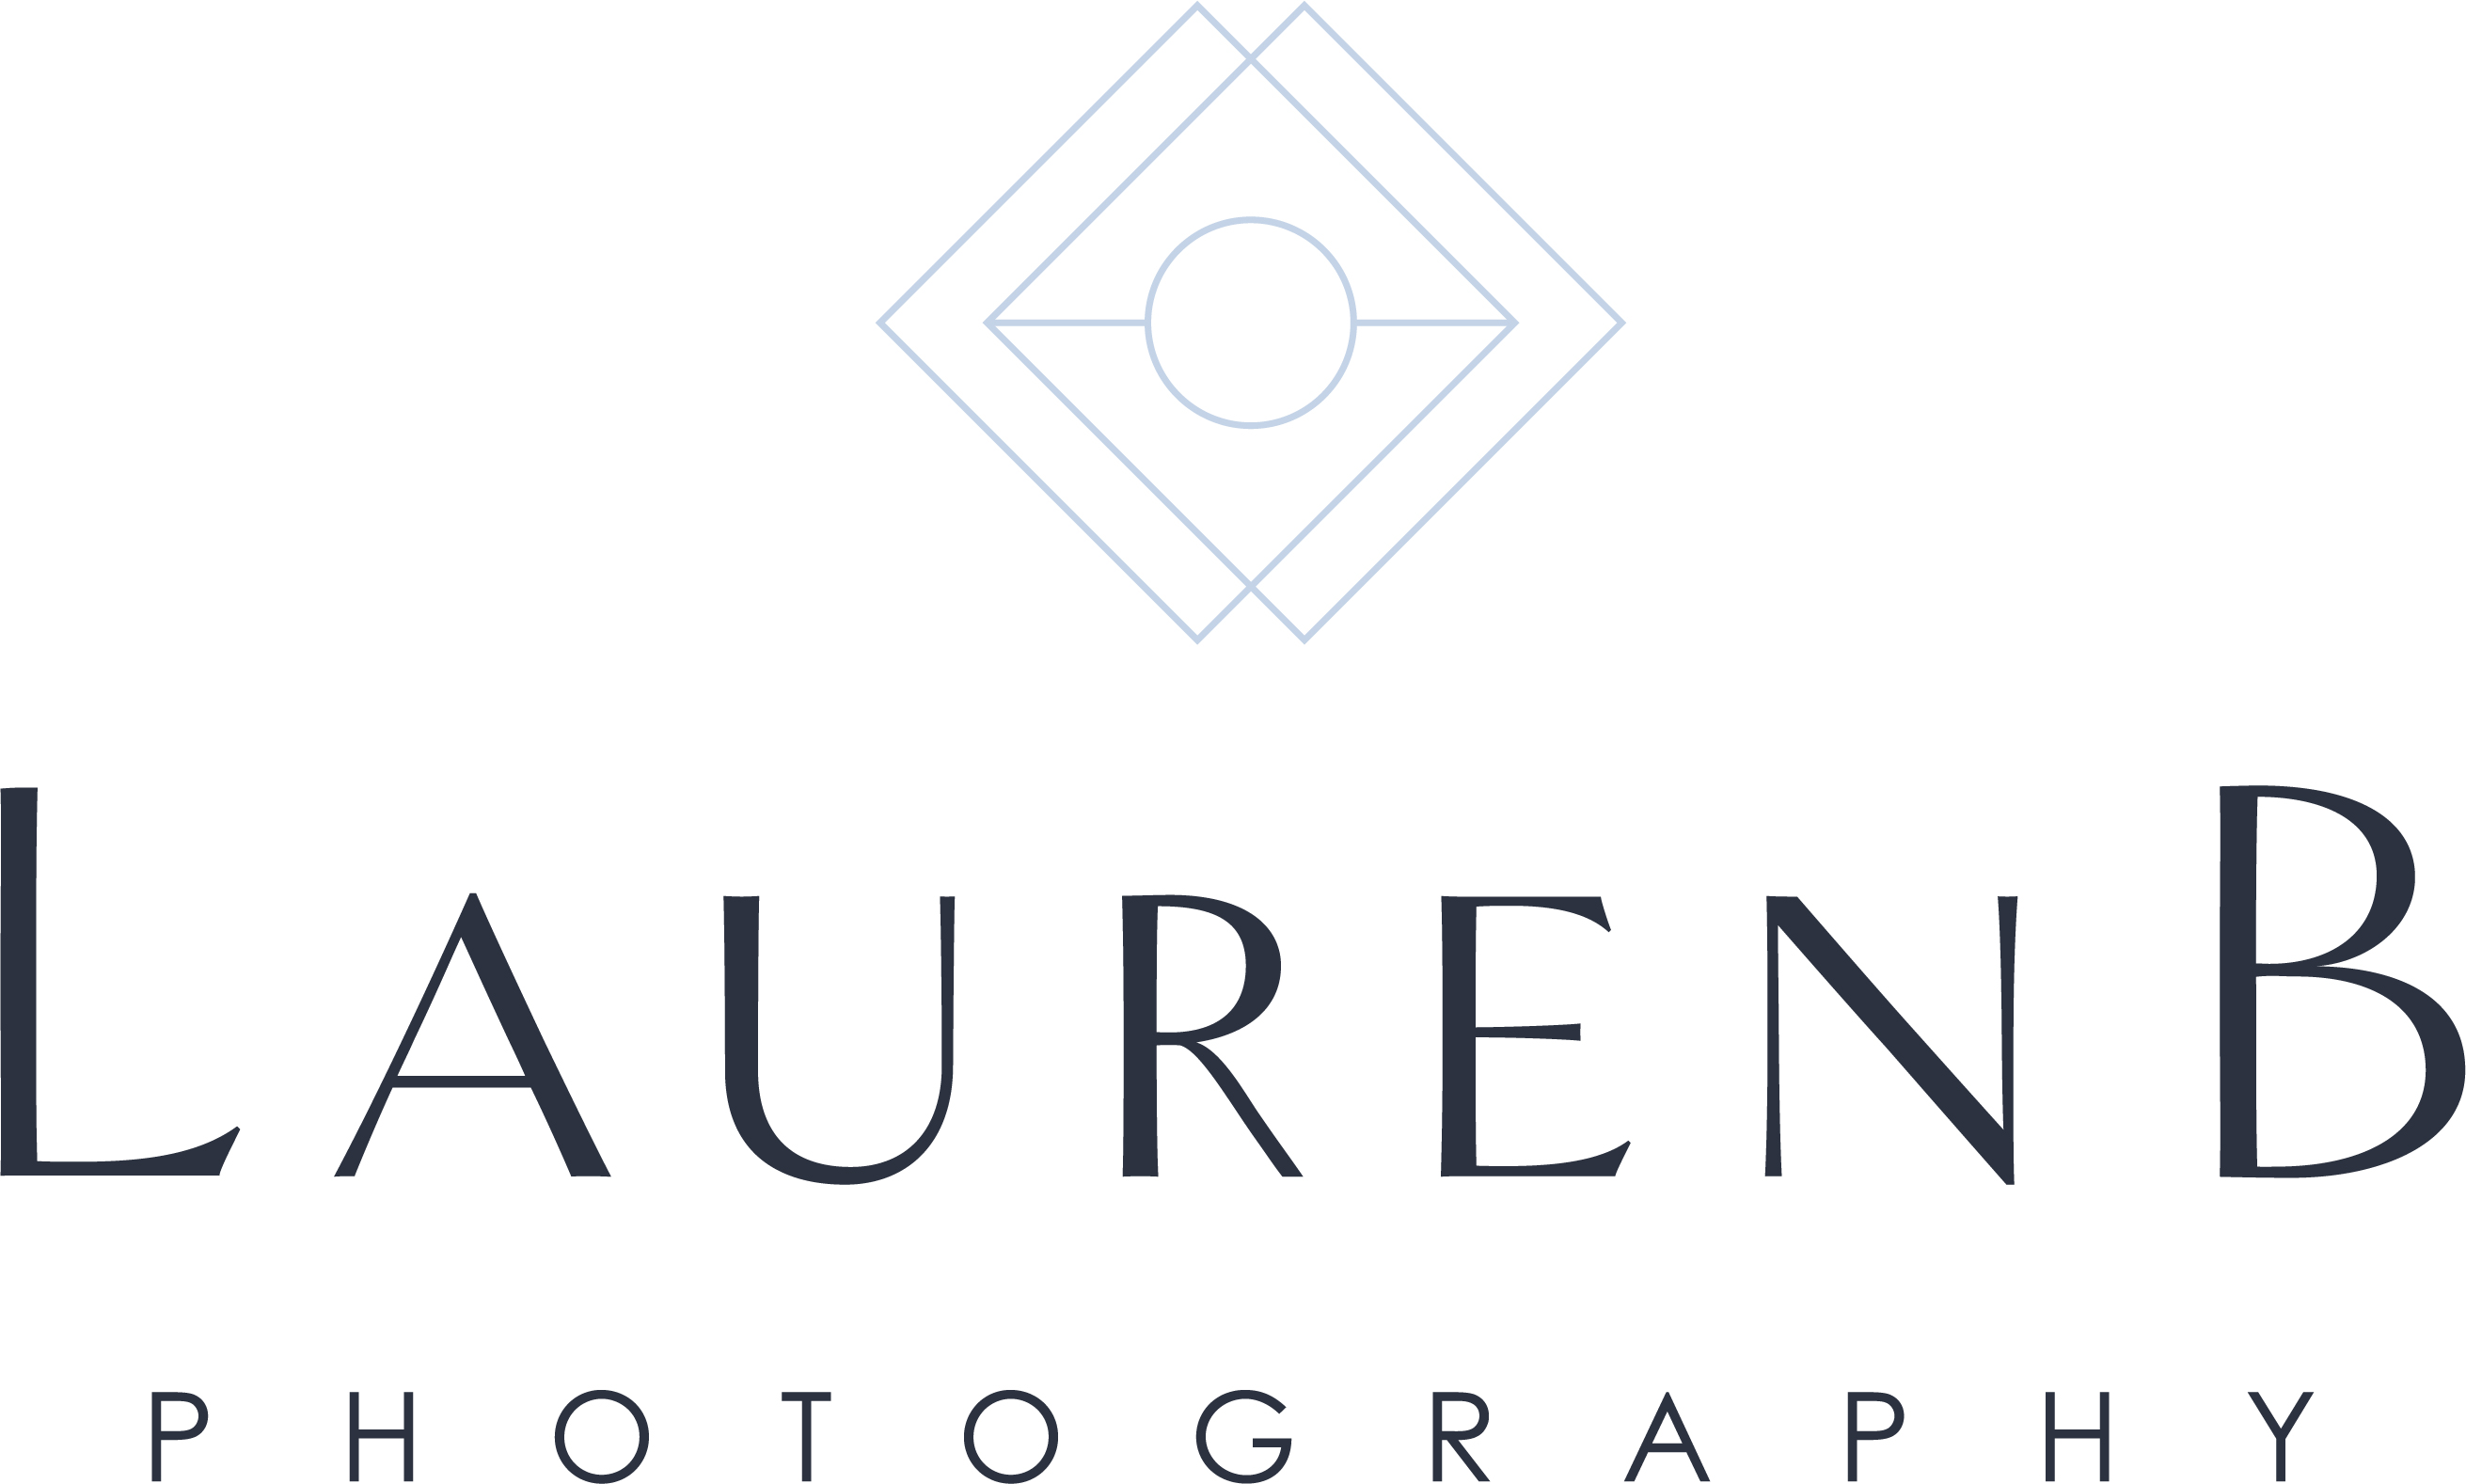 Lauren B Photography - Navy + light blue mix